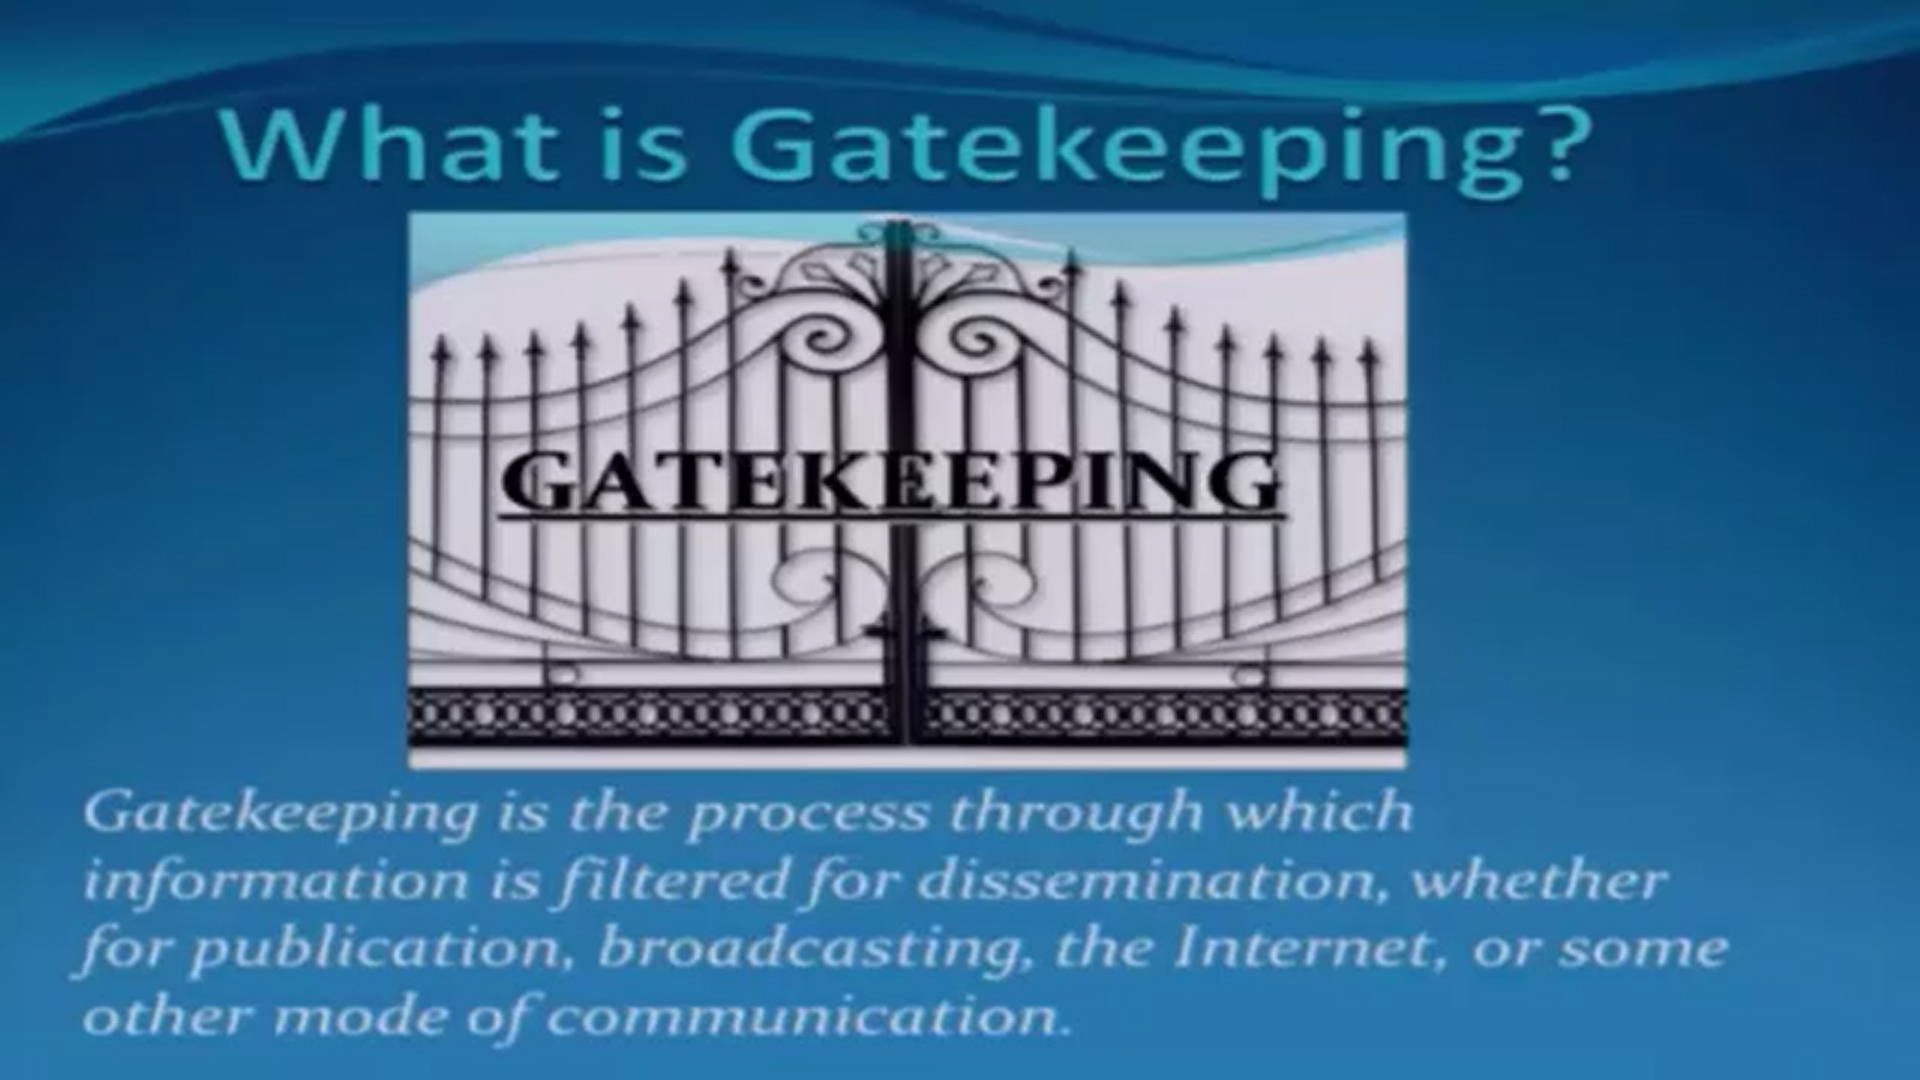 Image-Quote-Gatekeeping